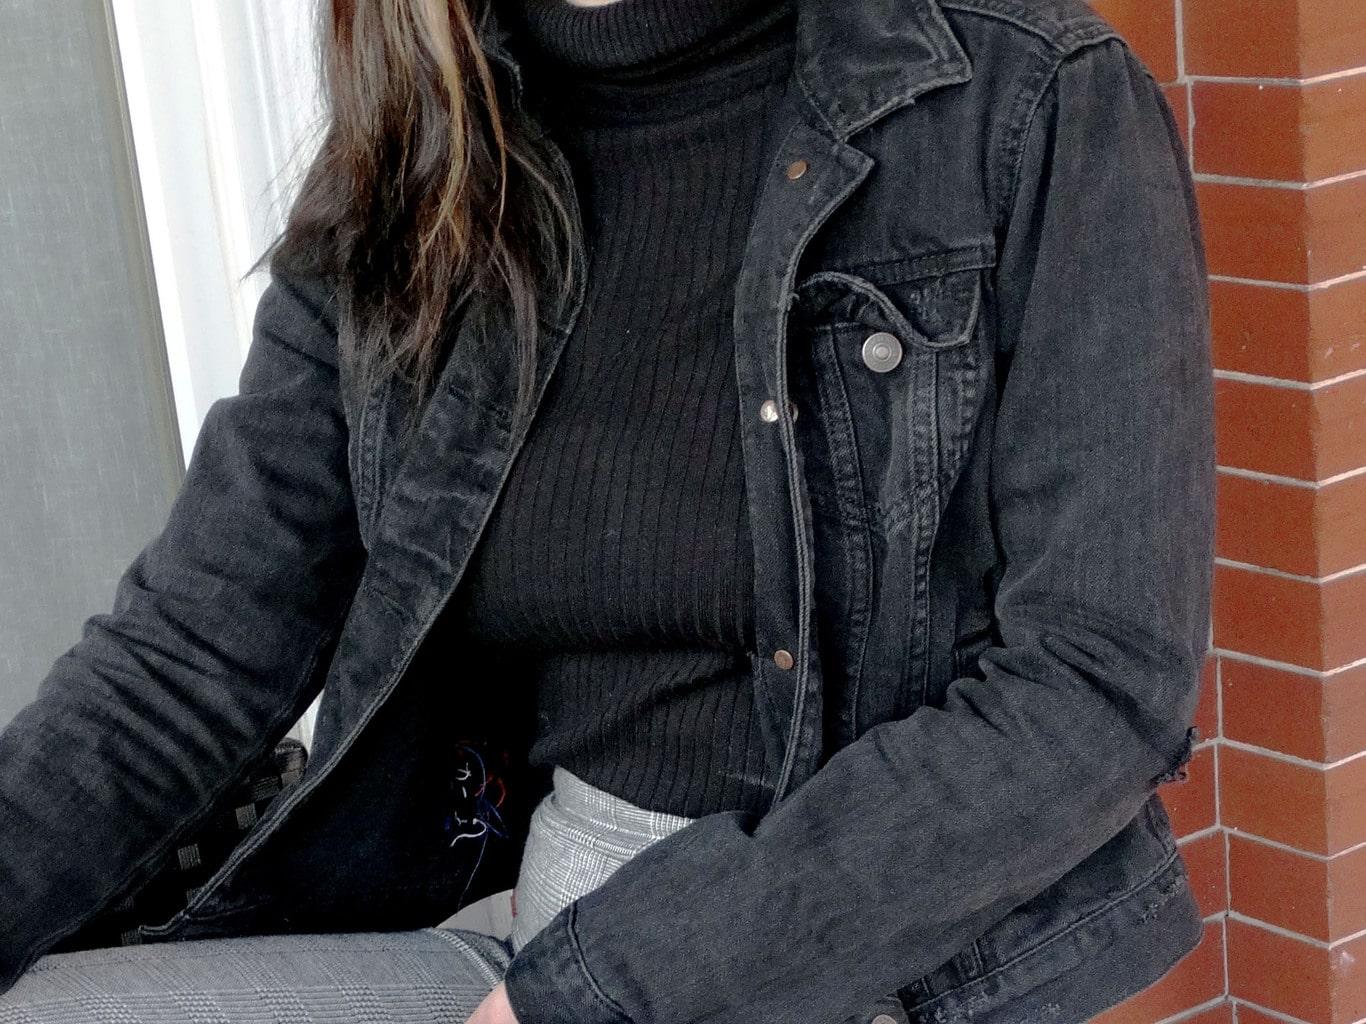 This grunge grey denim jacket accents Mackenzie's black turtleneck sweater.